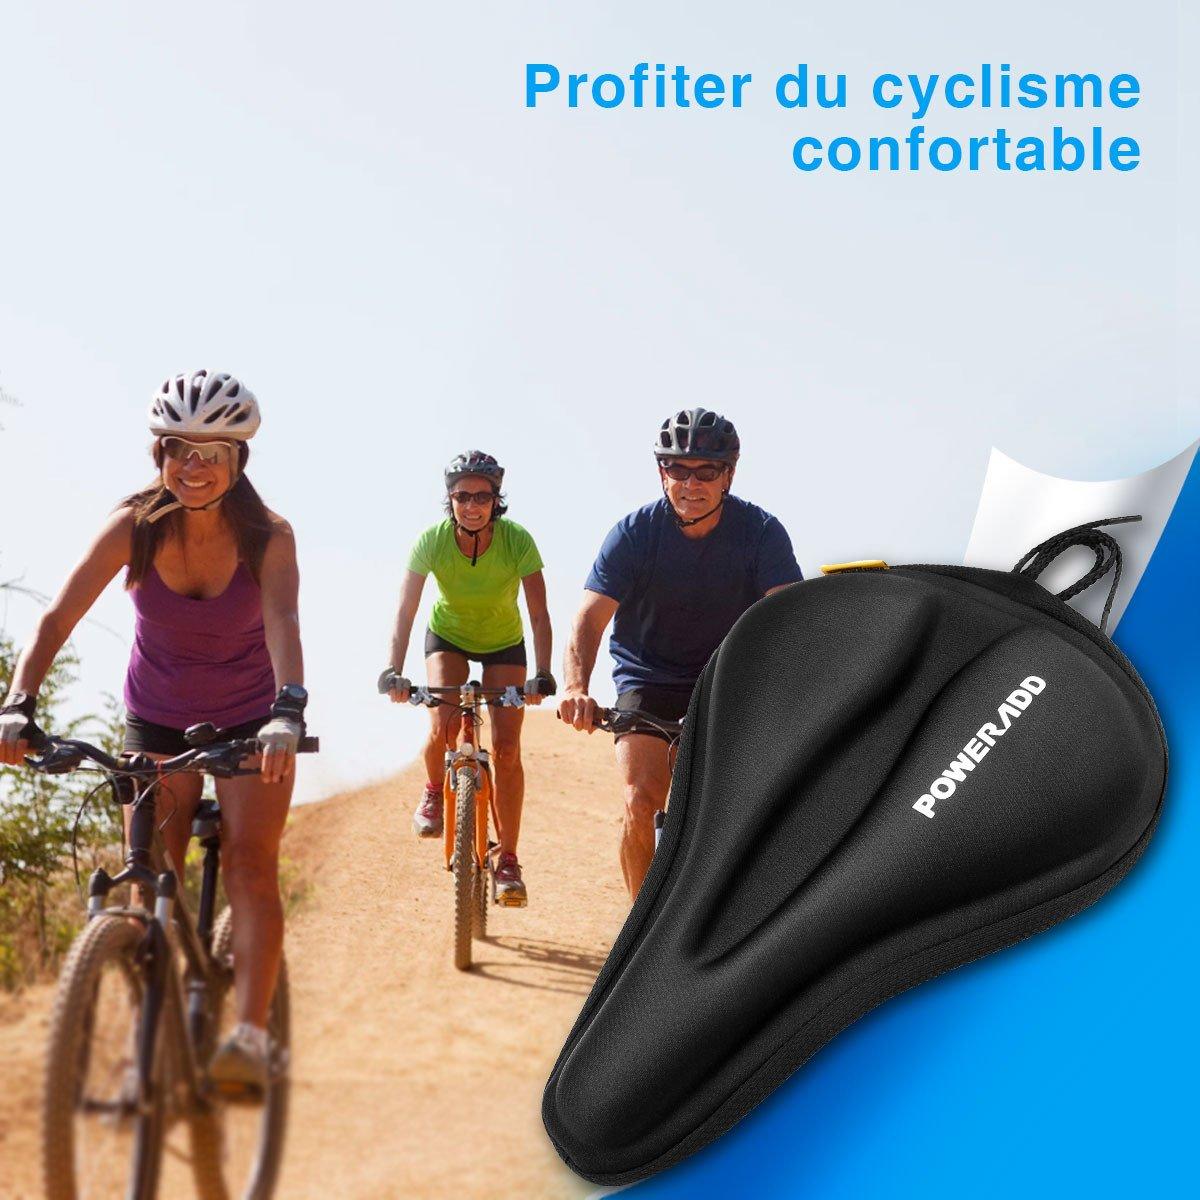 Poweradd Coussin d'assise de VTT housse siège de vélo montagne avec conception creux respirable la plus confortable pour le cyclisme